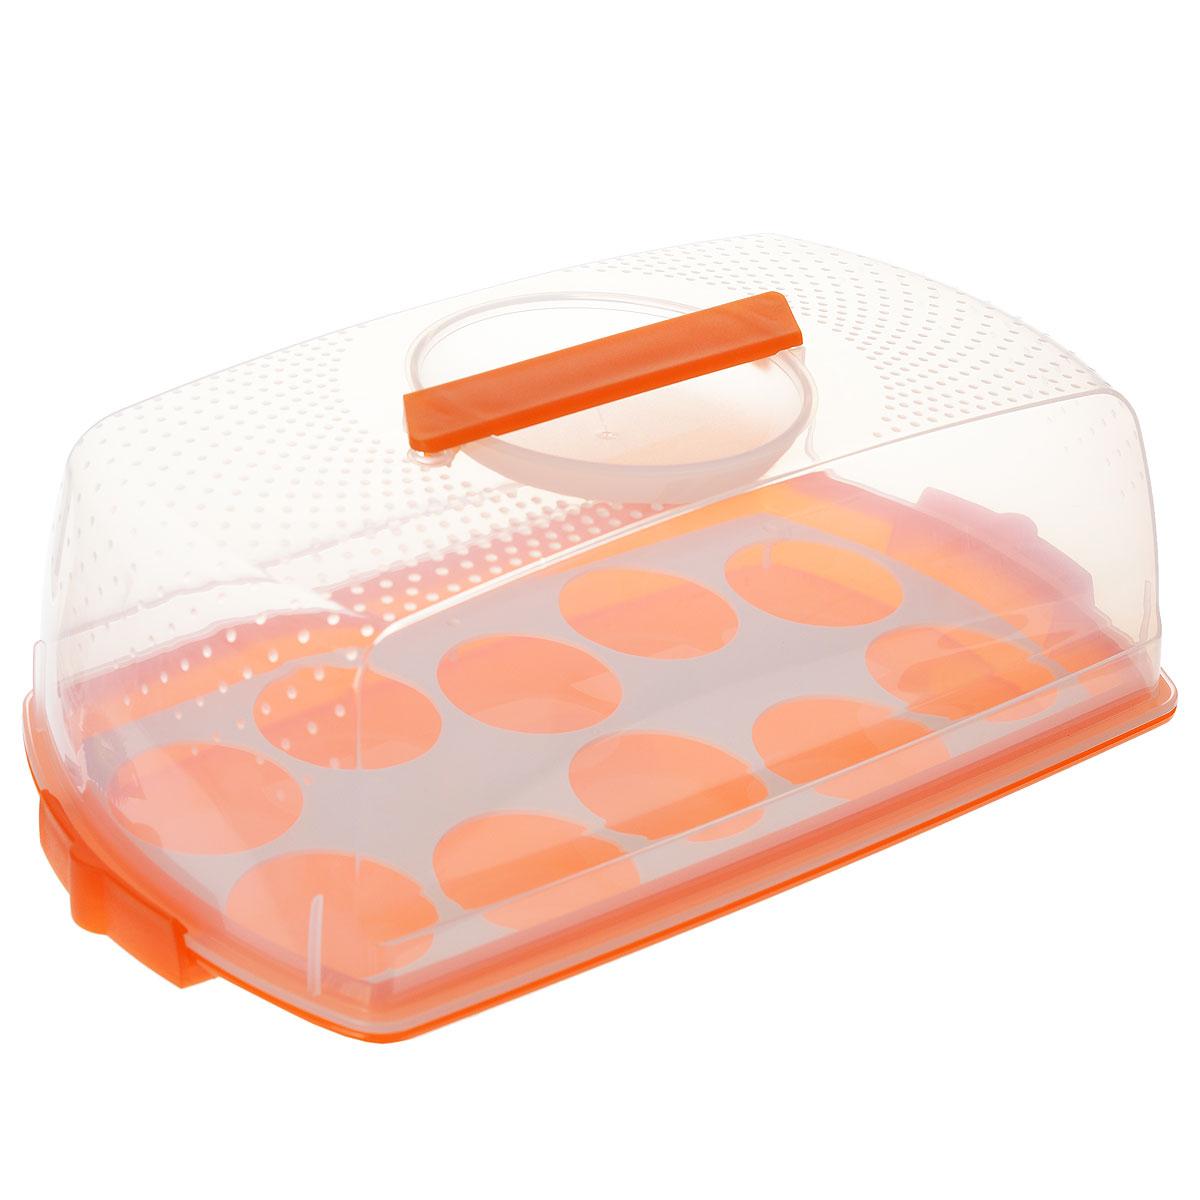 Тортница Cosmoplast Оазис, с защелками, цвет: прозрачный, оранжевый, 37 см х 19 см23846Тортница Cosmoplast Оазис изготовлена из высококачественного прочного пищевого пластика. Она состоит из прямоугольного поддона и прозрачной крышки. Благодаря двум защелкам крышка плотно сидит на подносе, что позволяет сохранить первоначальную свежесть торта и защитить его от посторонних запахов. Тортница имеет дополнительное пластиковое основание для удобной переноски небольших кексов и пирожных. Крышка тортницы снабжена эргономичной ручкой для комфортной переноски. Размер поддона: 37 см х 19 см. Высота борта: 2,5 см.Высота крышки: 10,5 см.